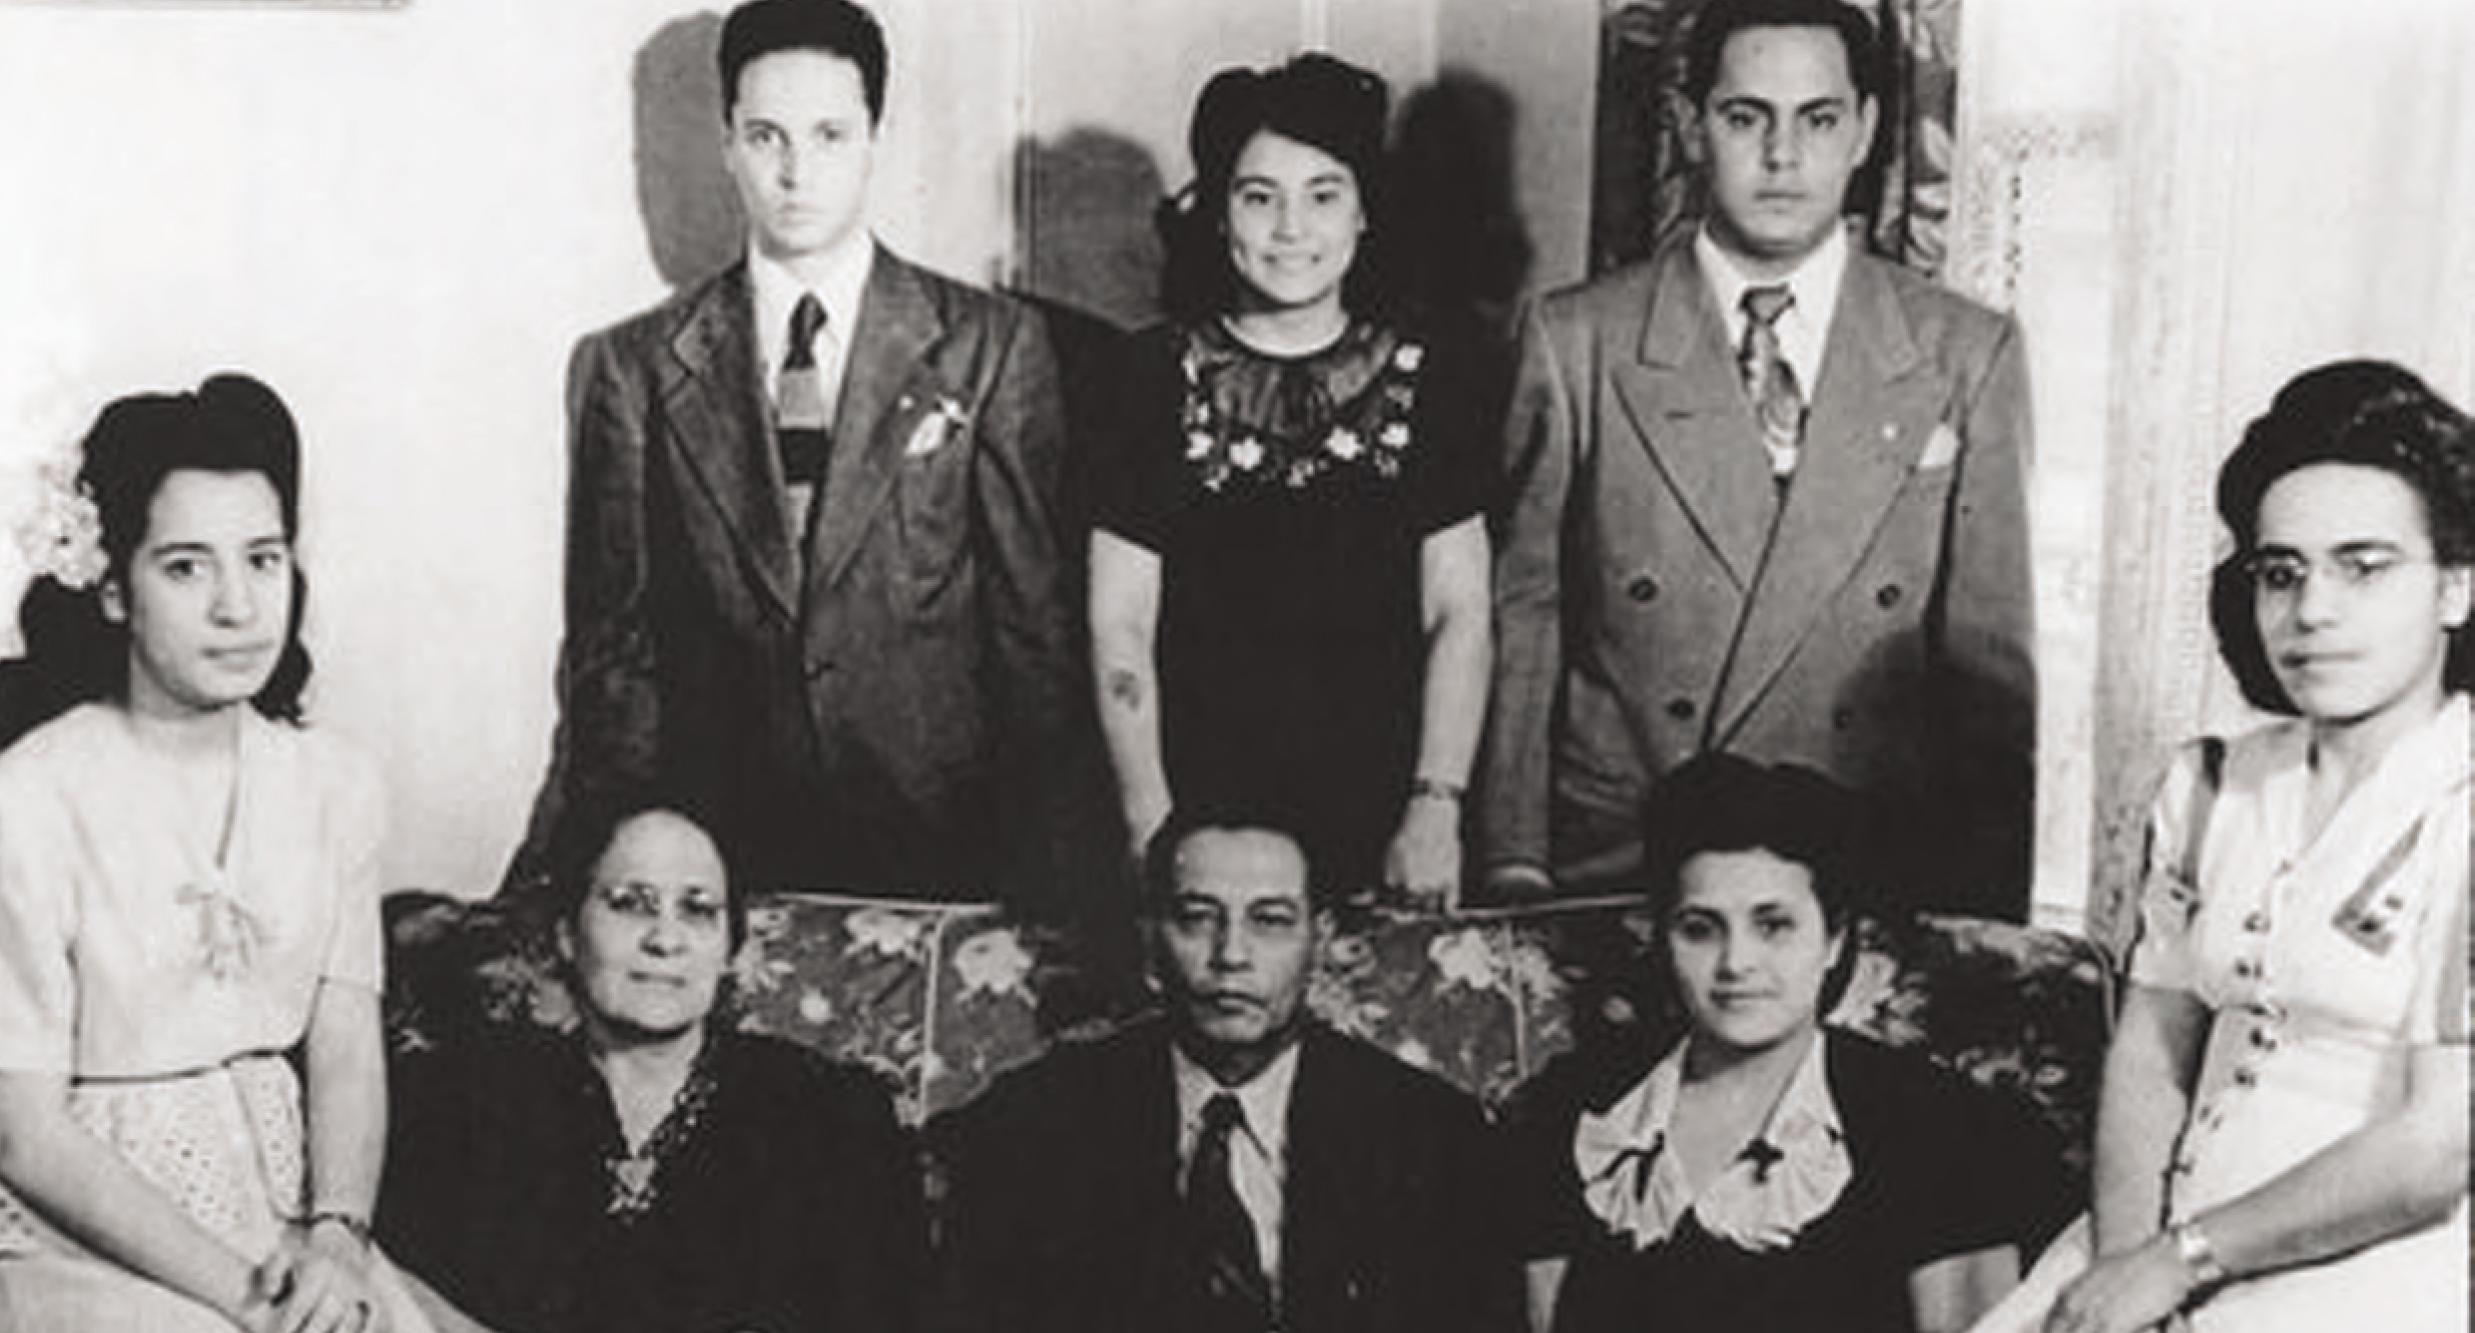 Isabel y Juan Lugo (frontal, central) con sus seis hijos en la ciudad de Nueva York, 1948.